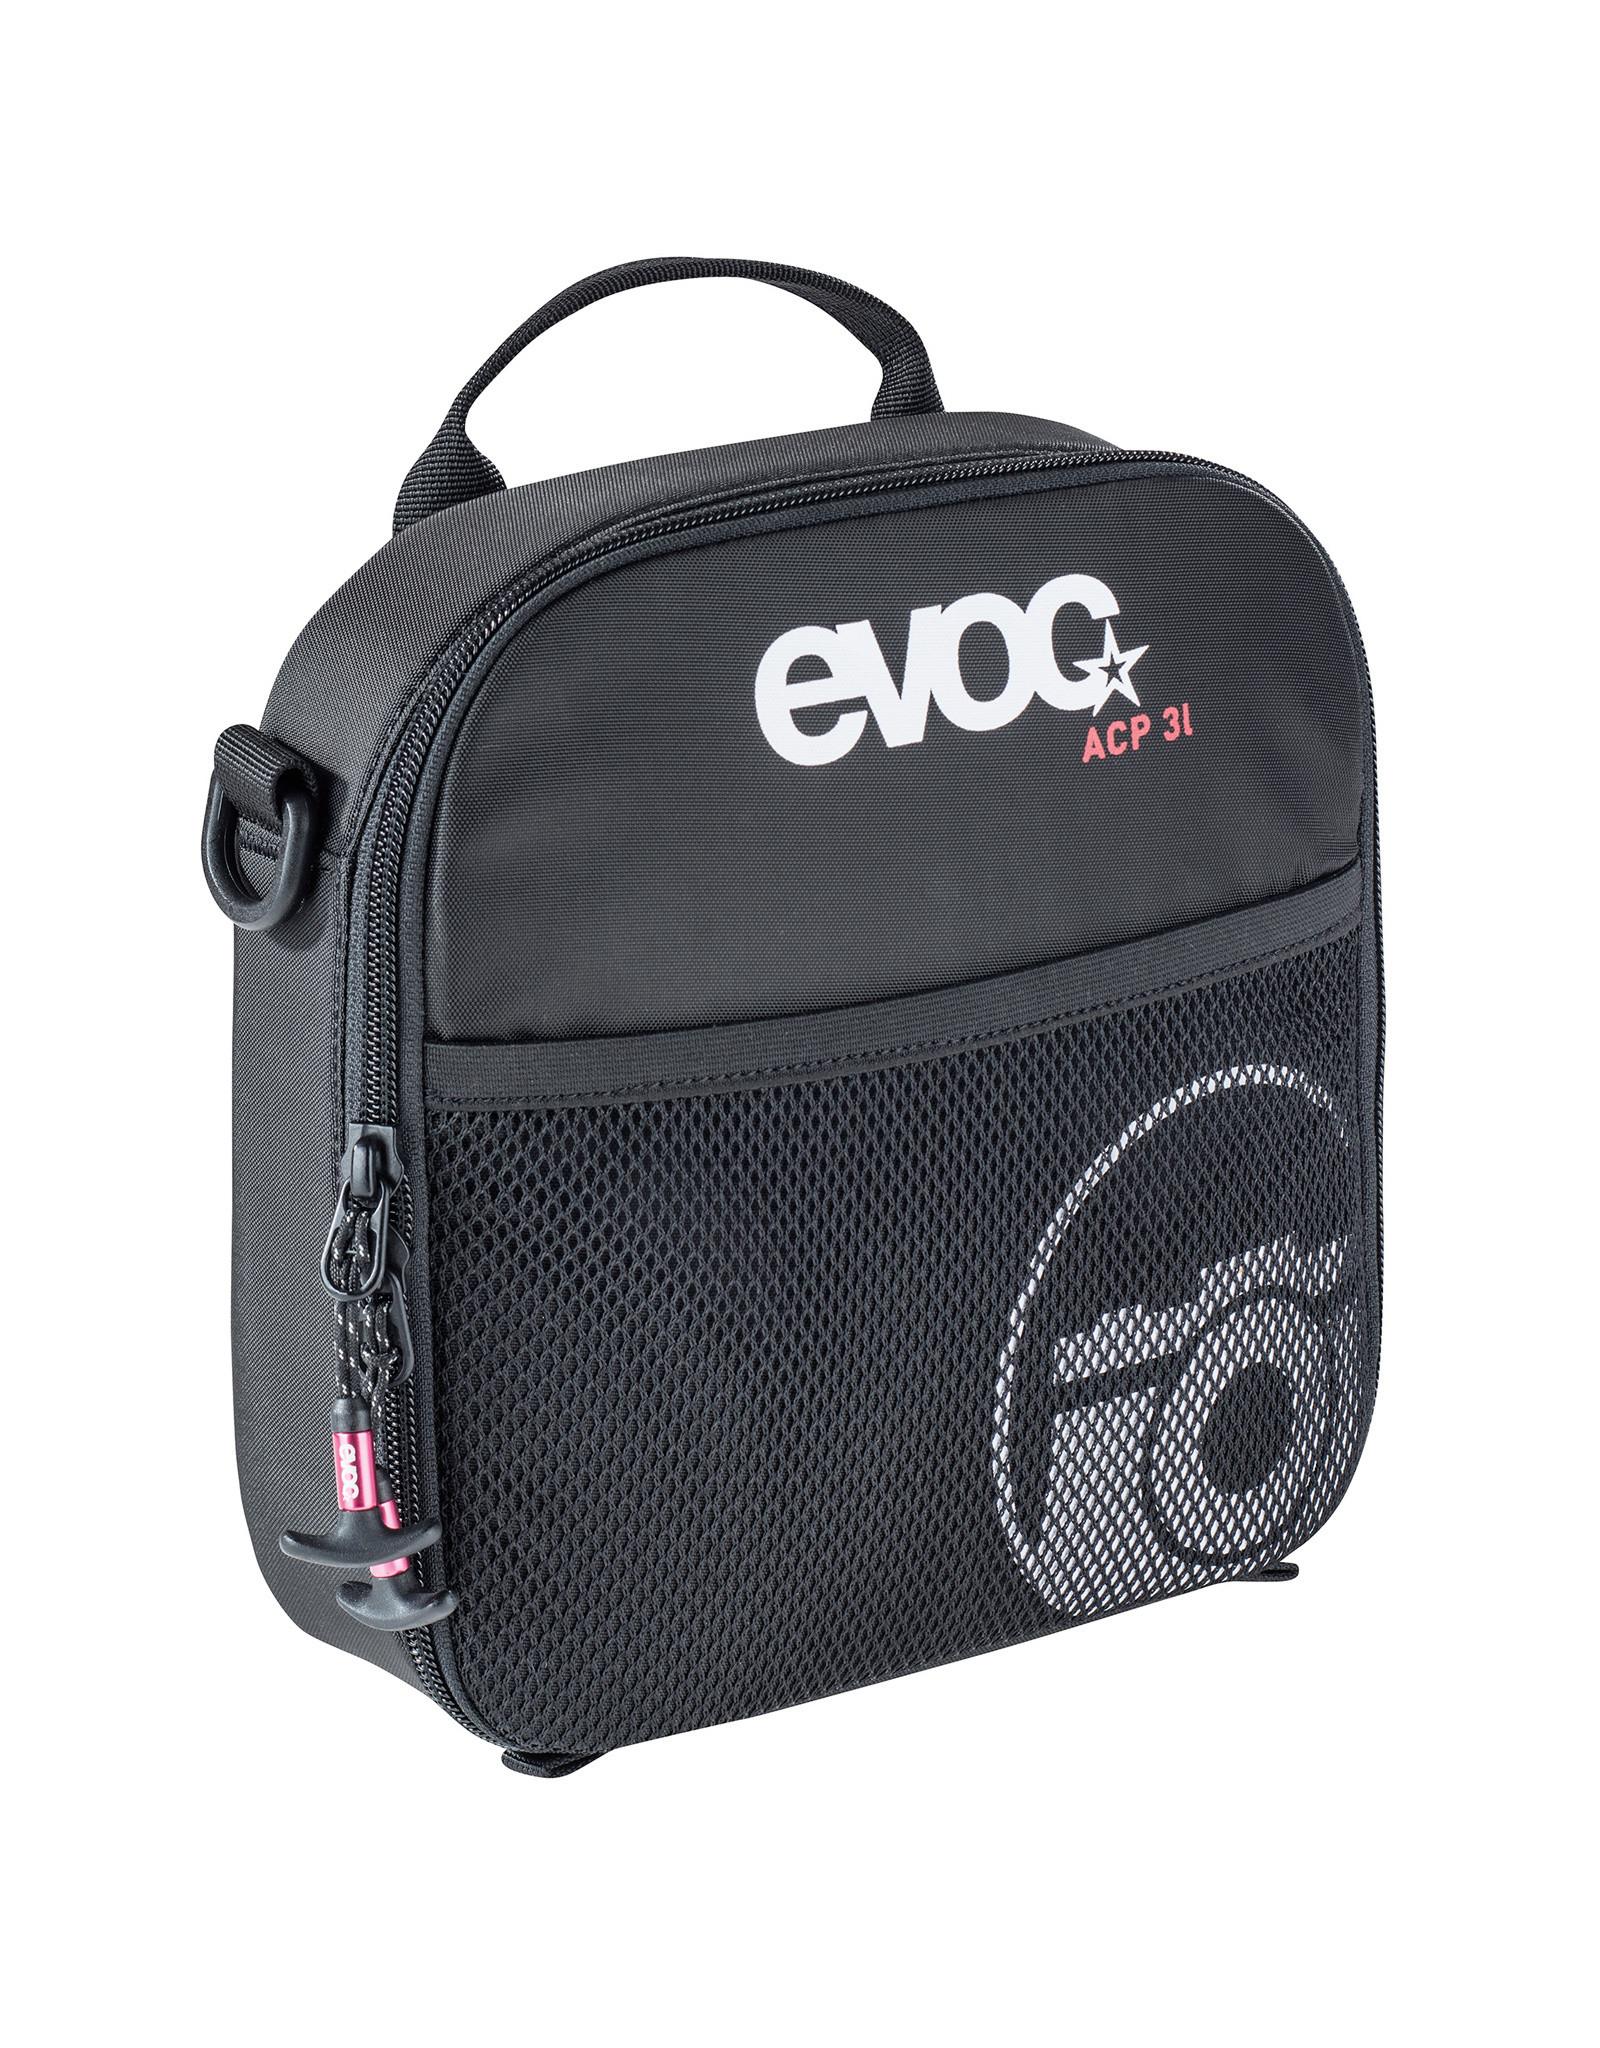 EVOC EVOC, ACP, Pochette pour caméra d'action, Noir